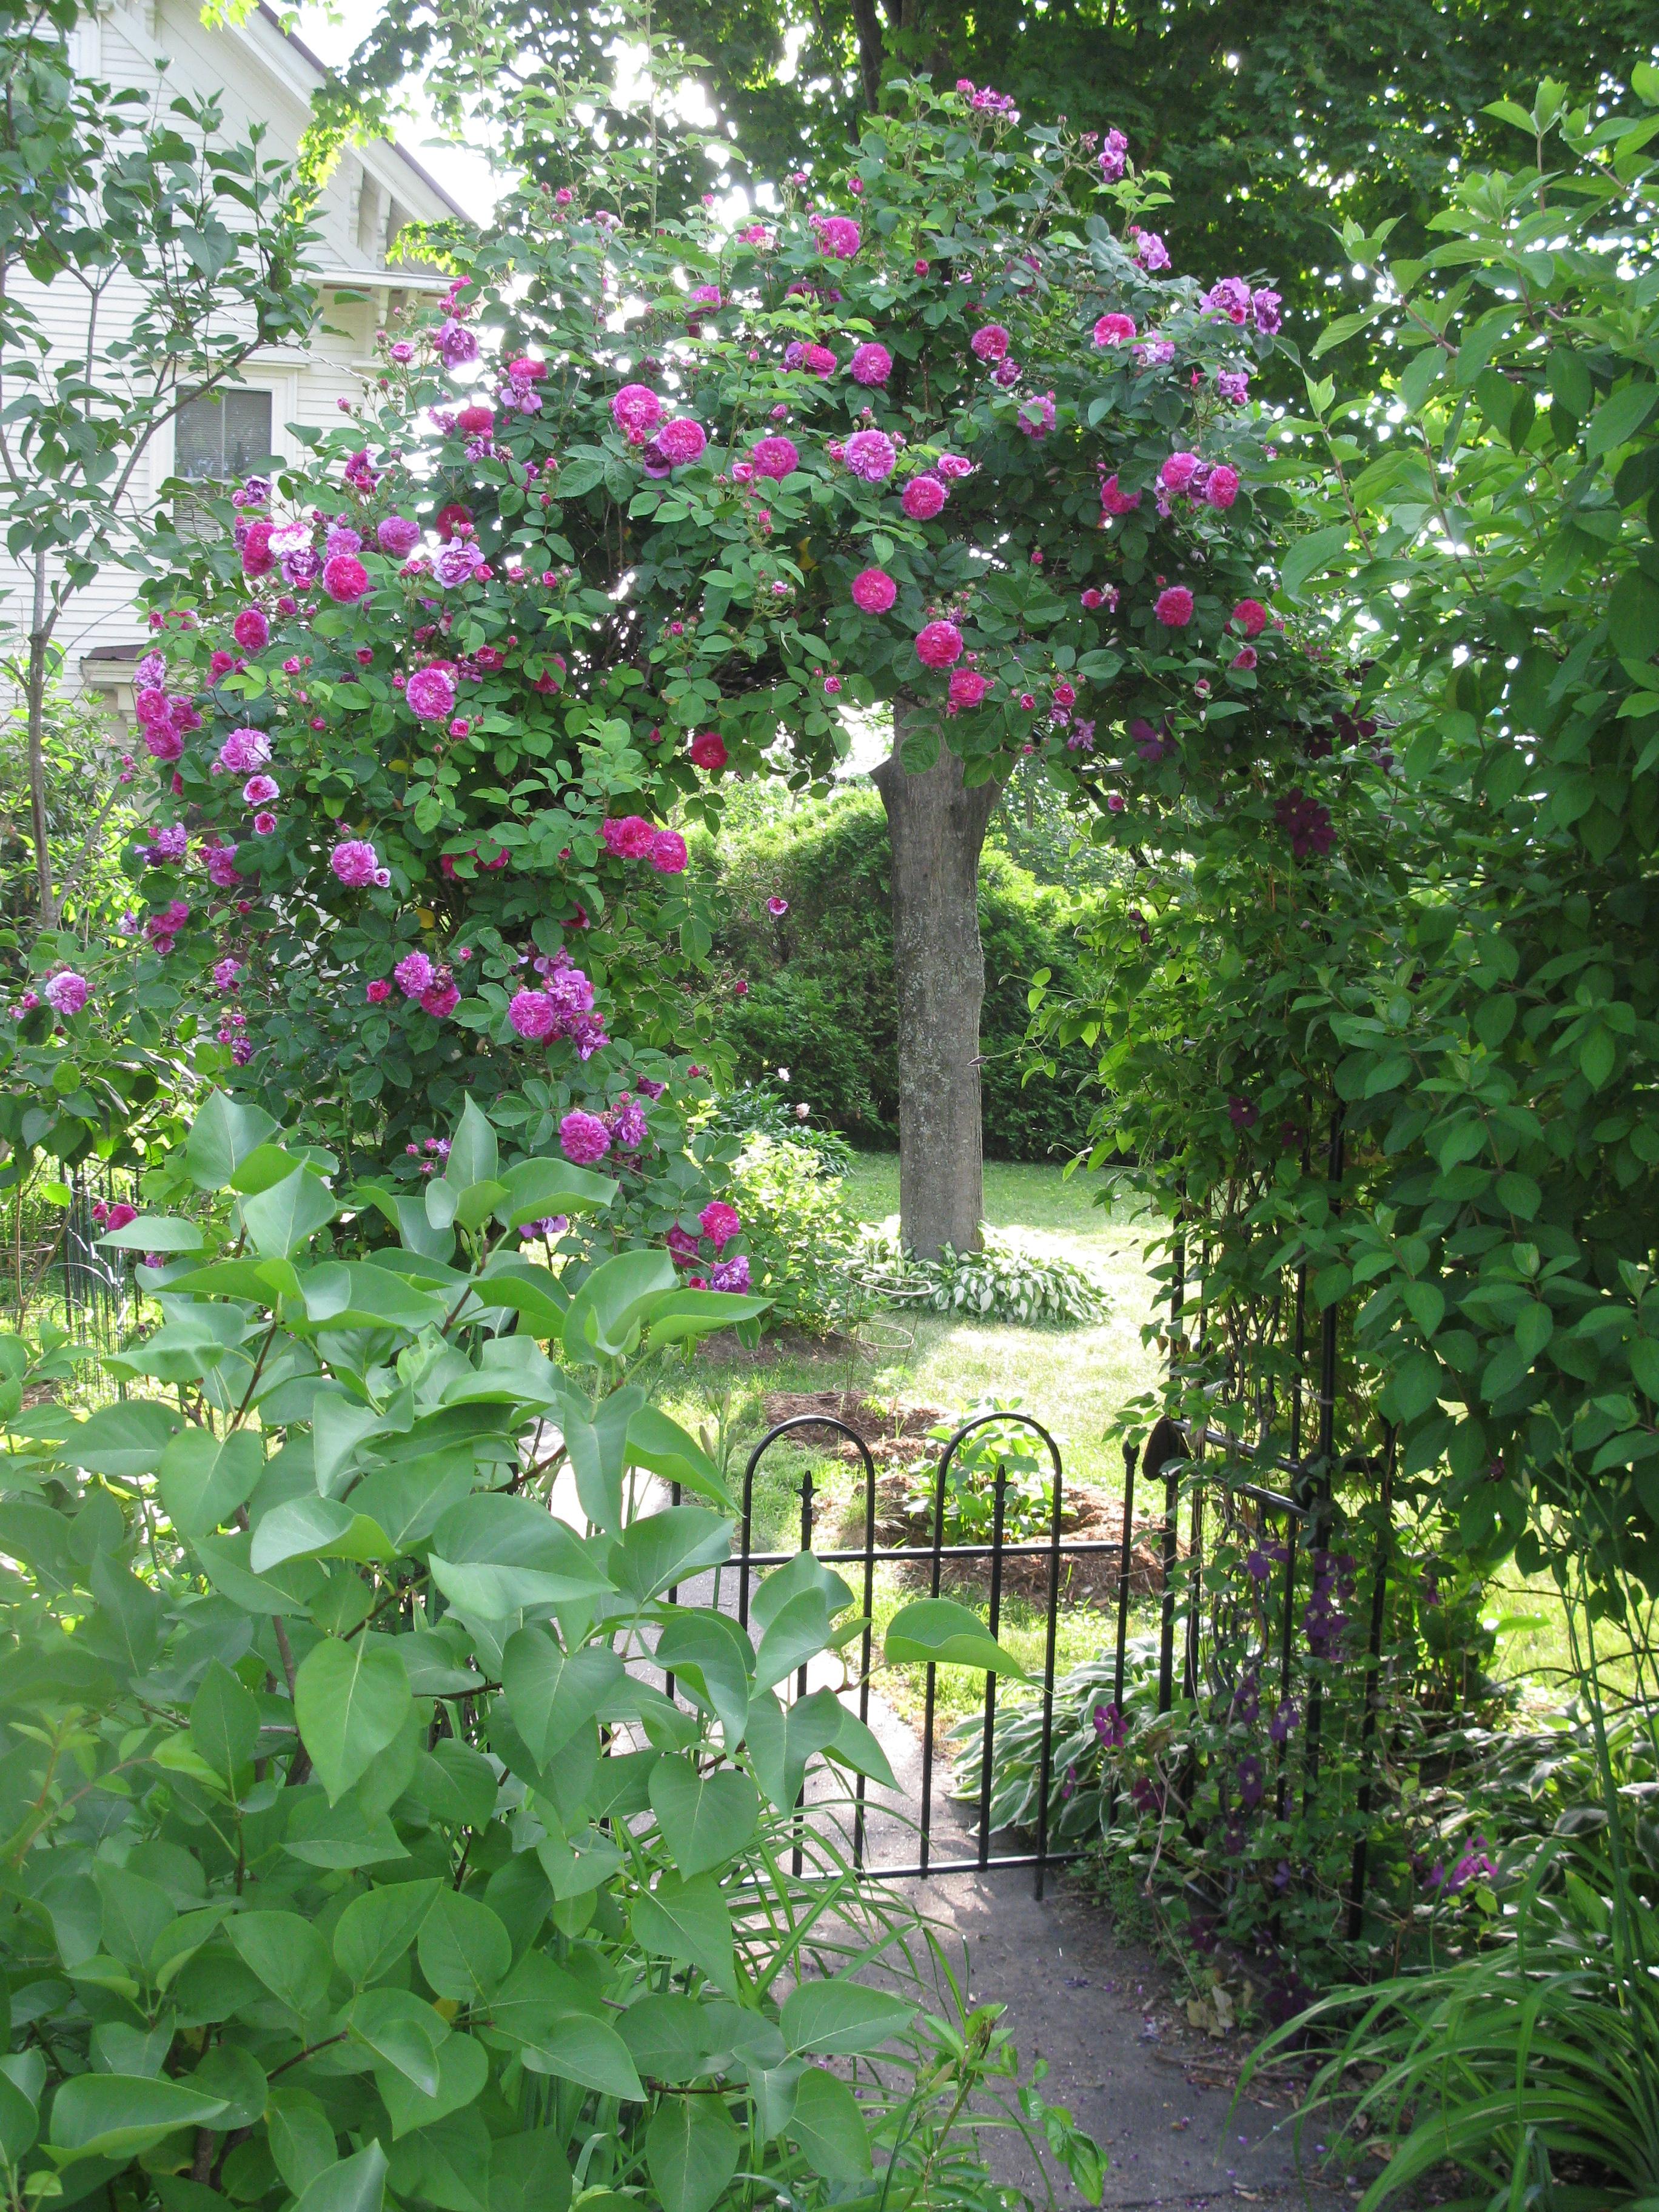 2014 New England Summer Garden Update